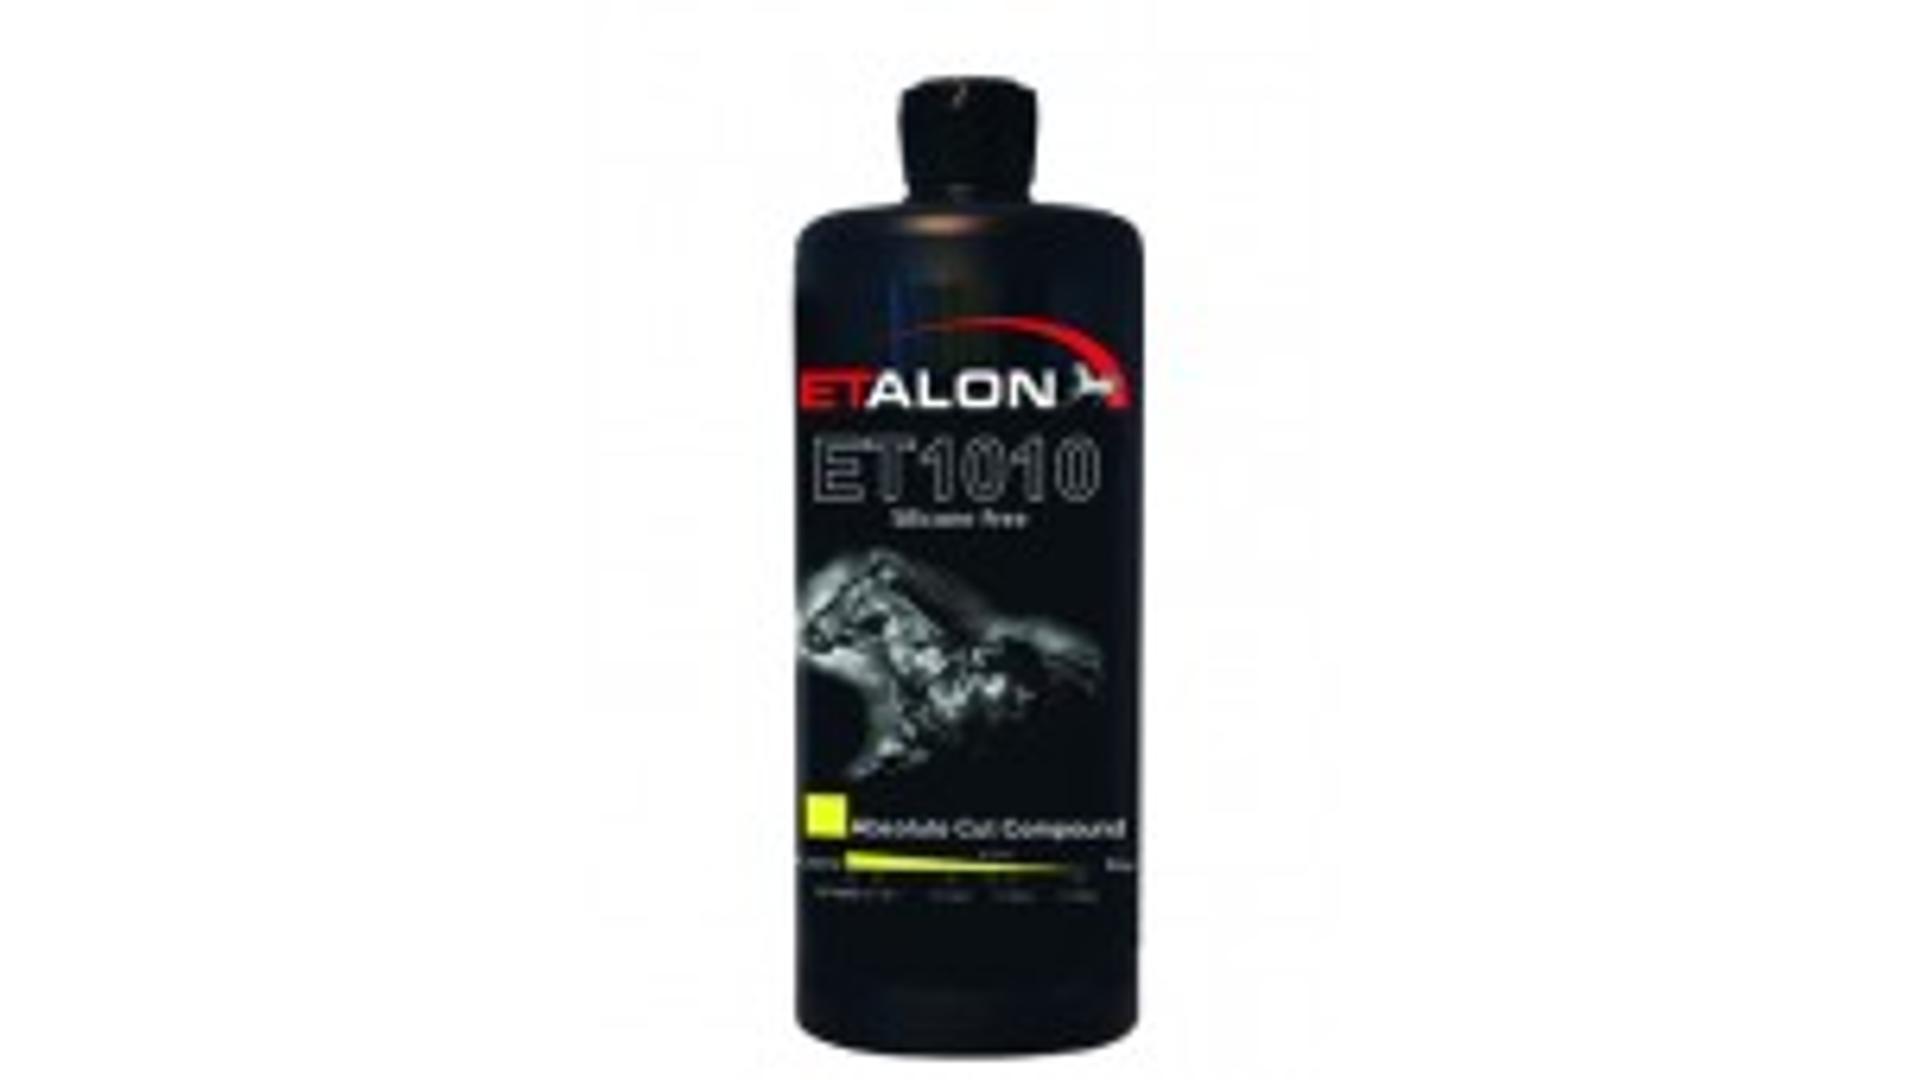 ETALON 1010 - univerzální lešticí pasta brusná 250g